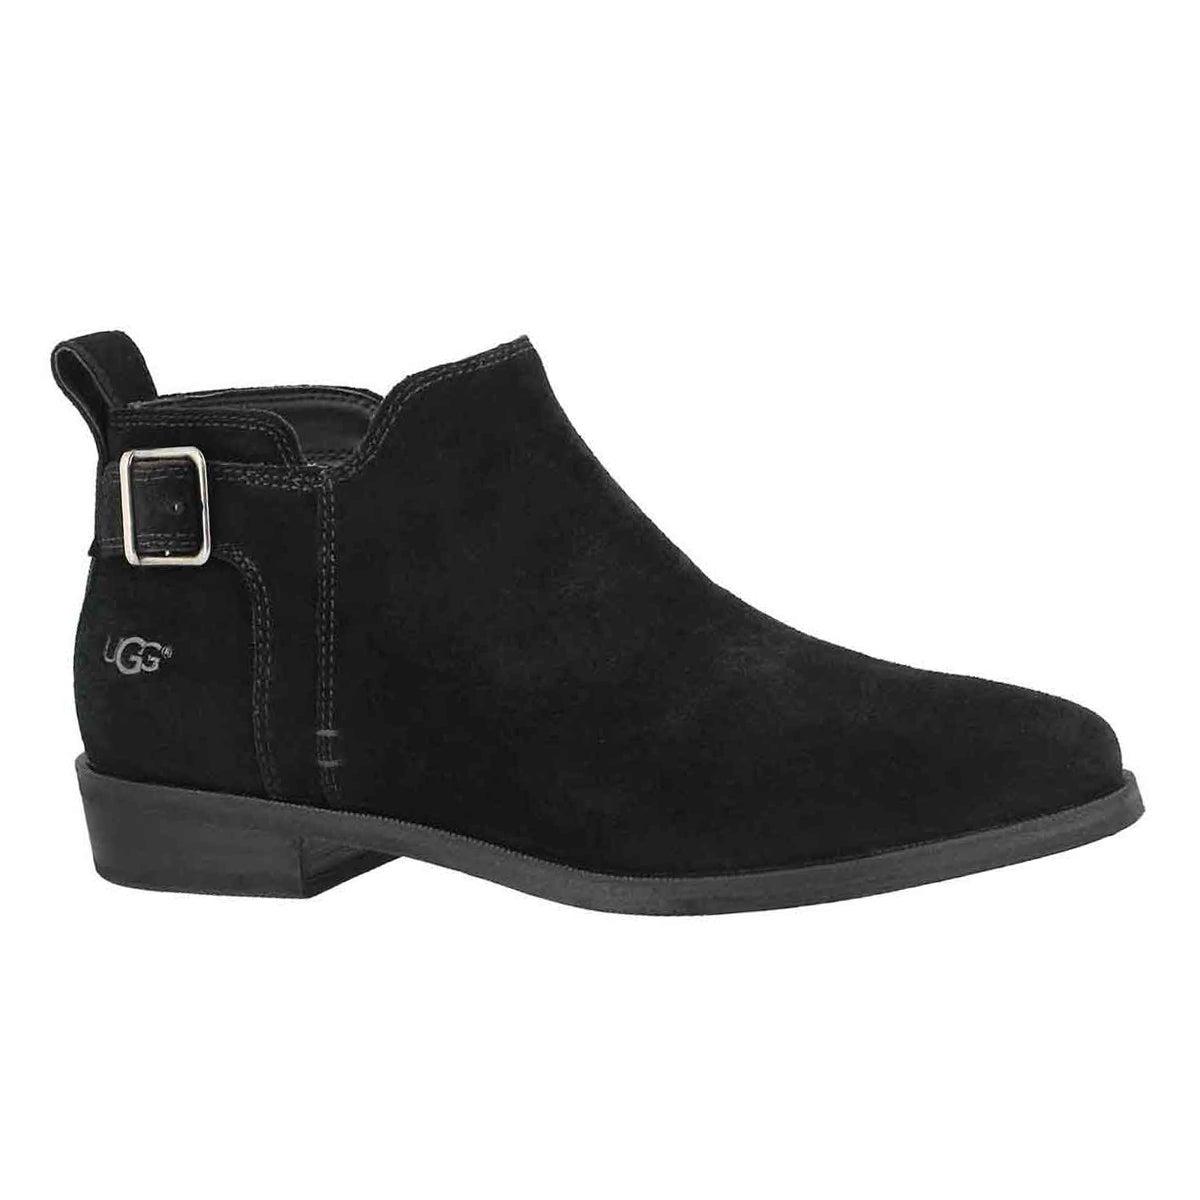 Women's KELSEA black slip on casual booties